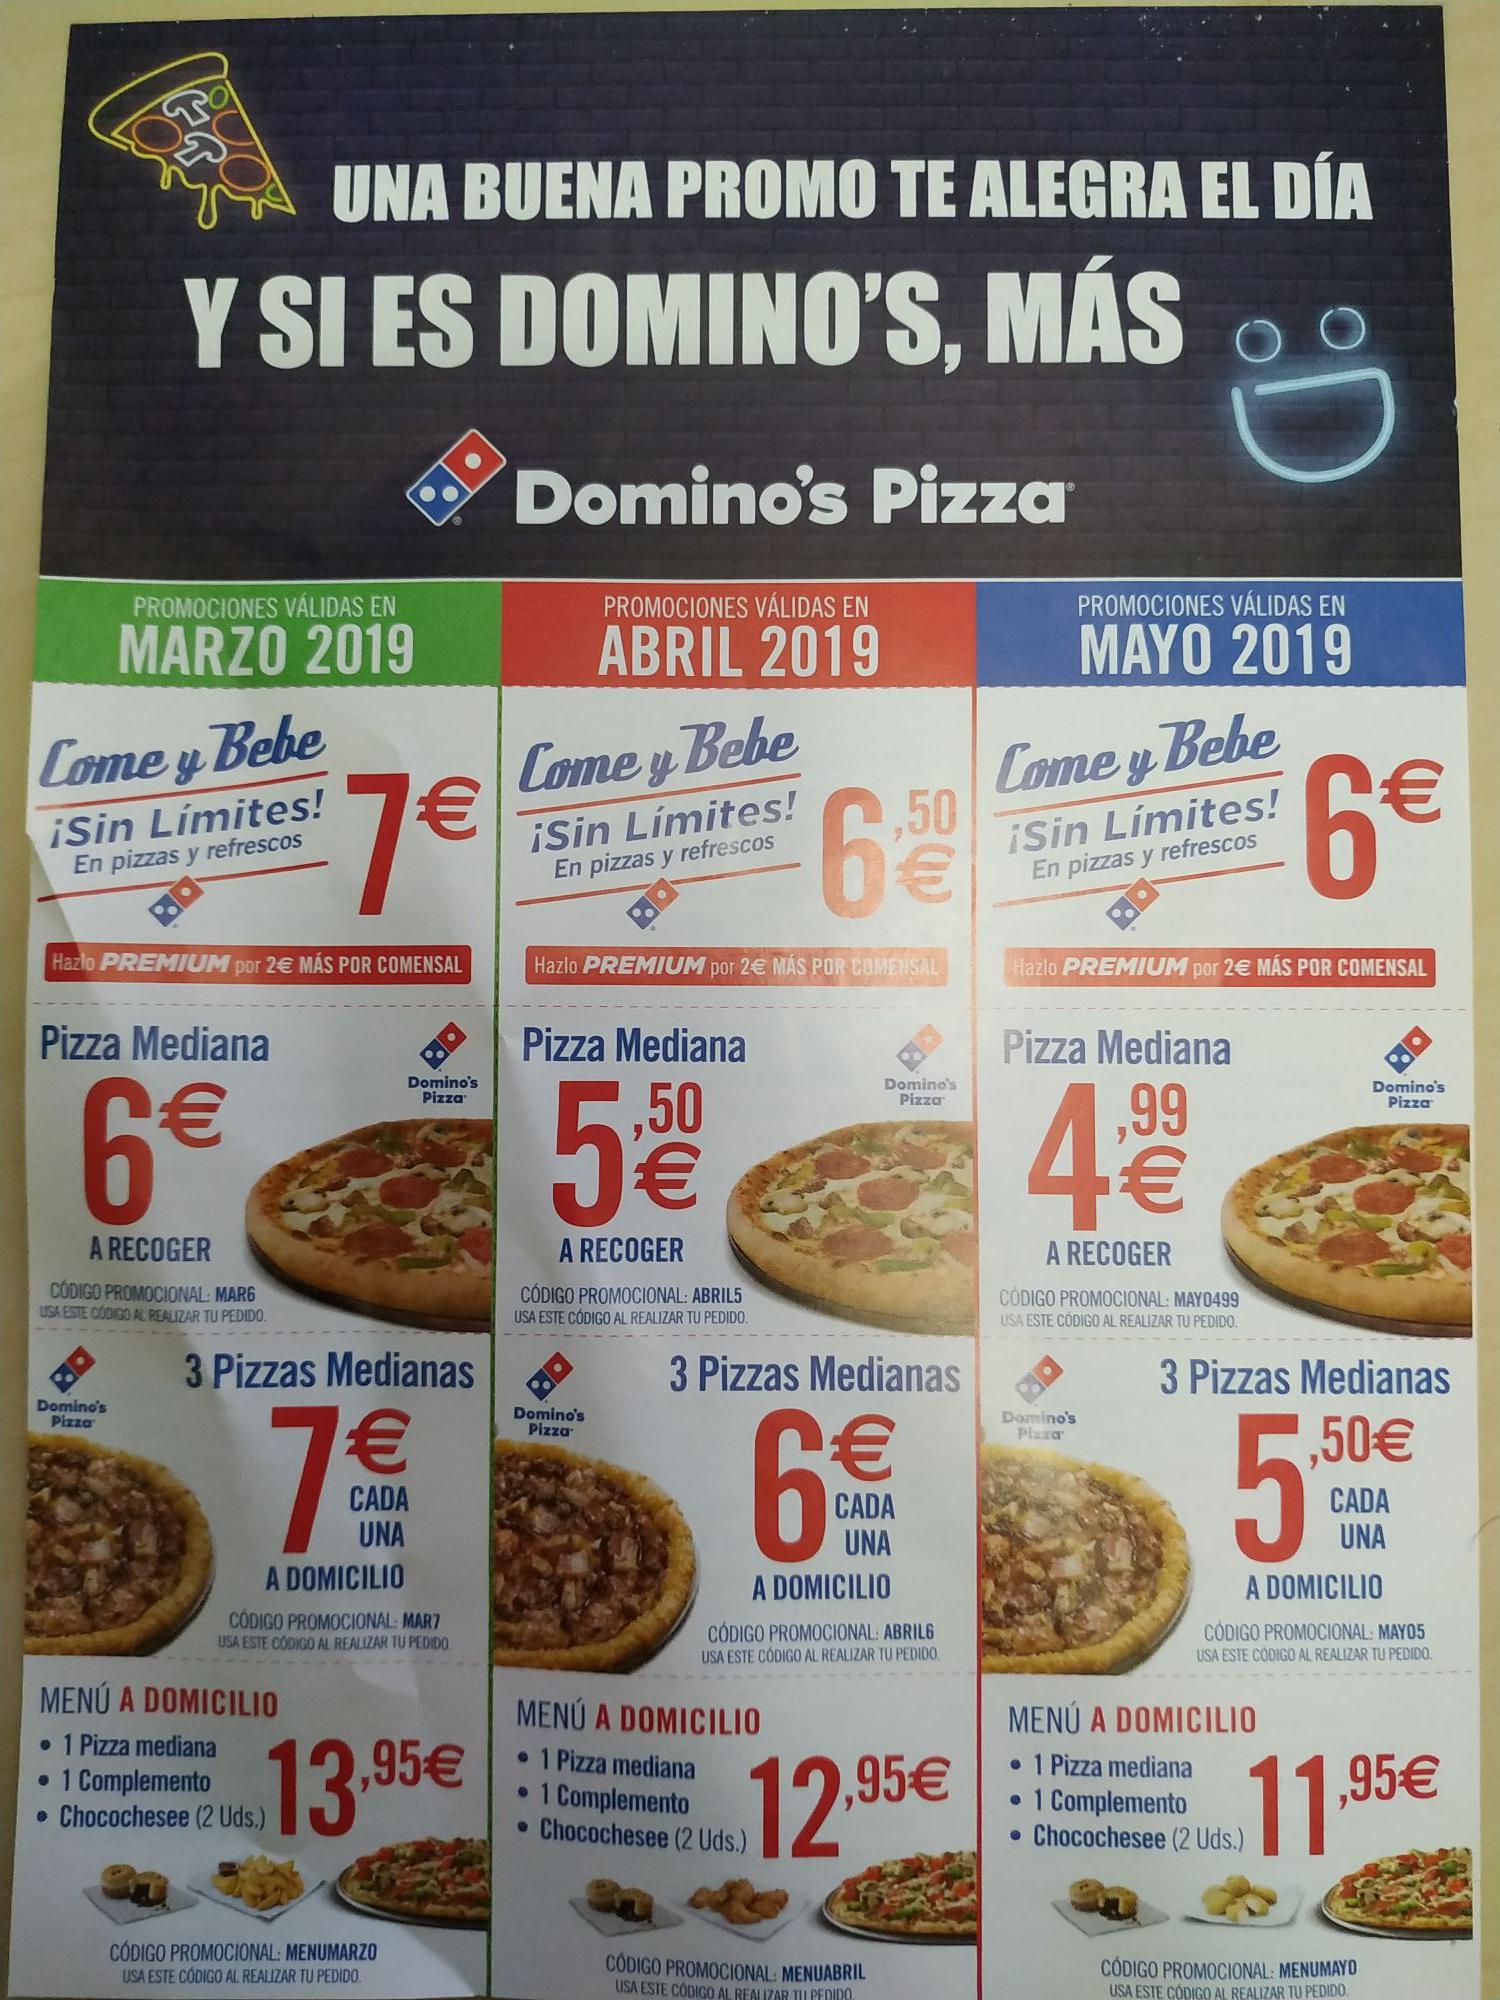 Promociones Domino's para marzo, abril y mayo 2019